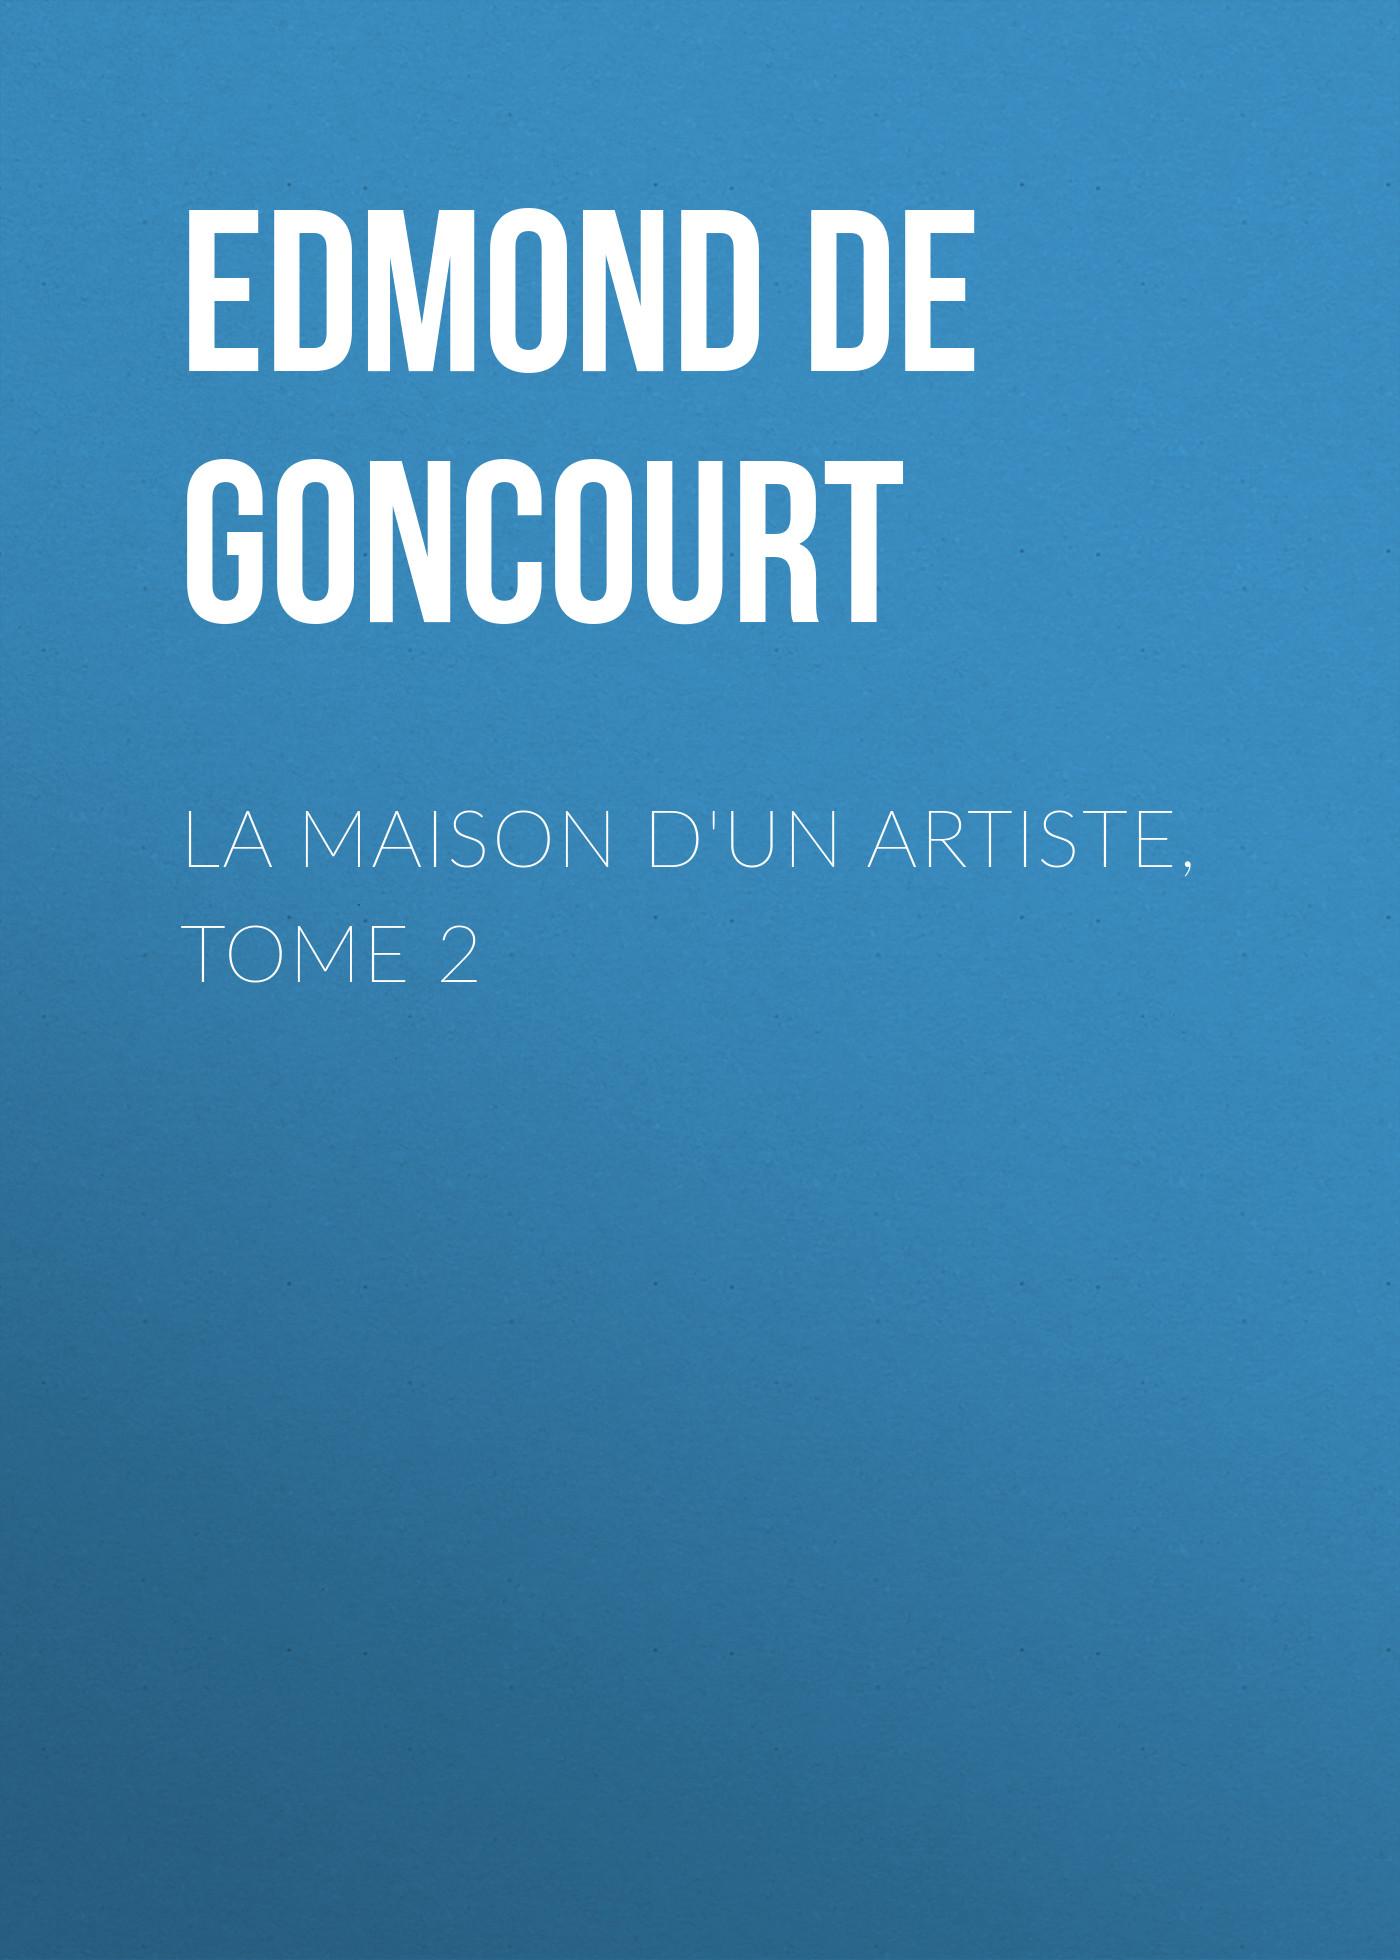 Edmond de Goncourt La maison d'un artiste, Tome 2 edmond de goncourt quelques créatures de ce temps